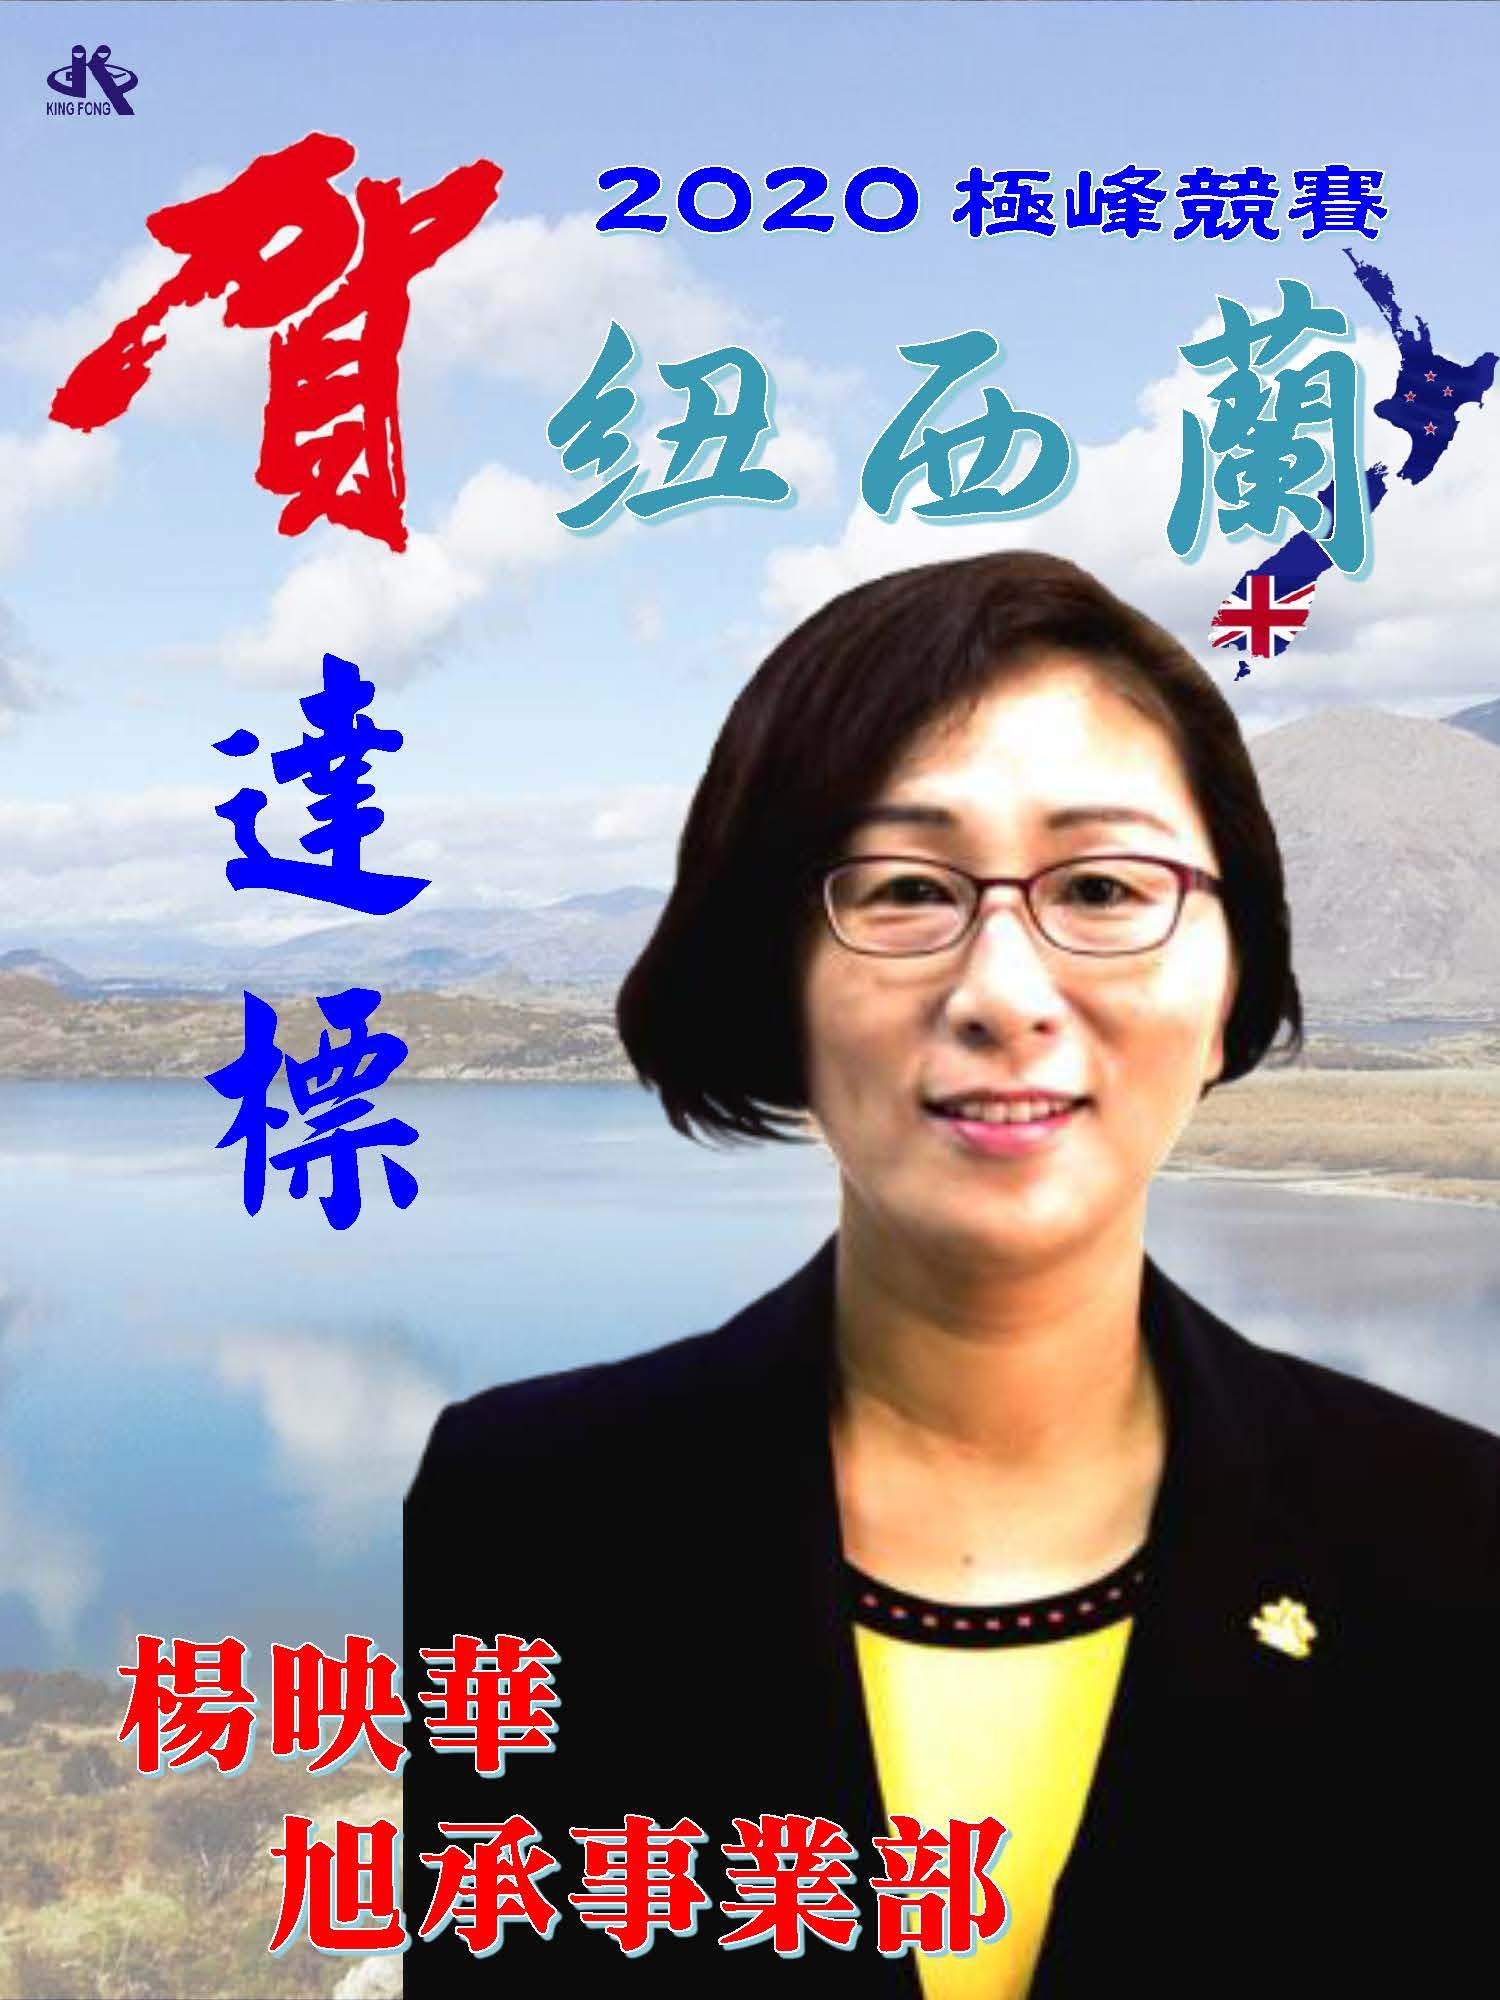 20200707-2020年極峰競賽紐西蘭英雄榜-楊映華